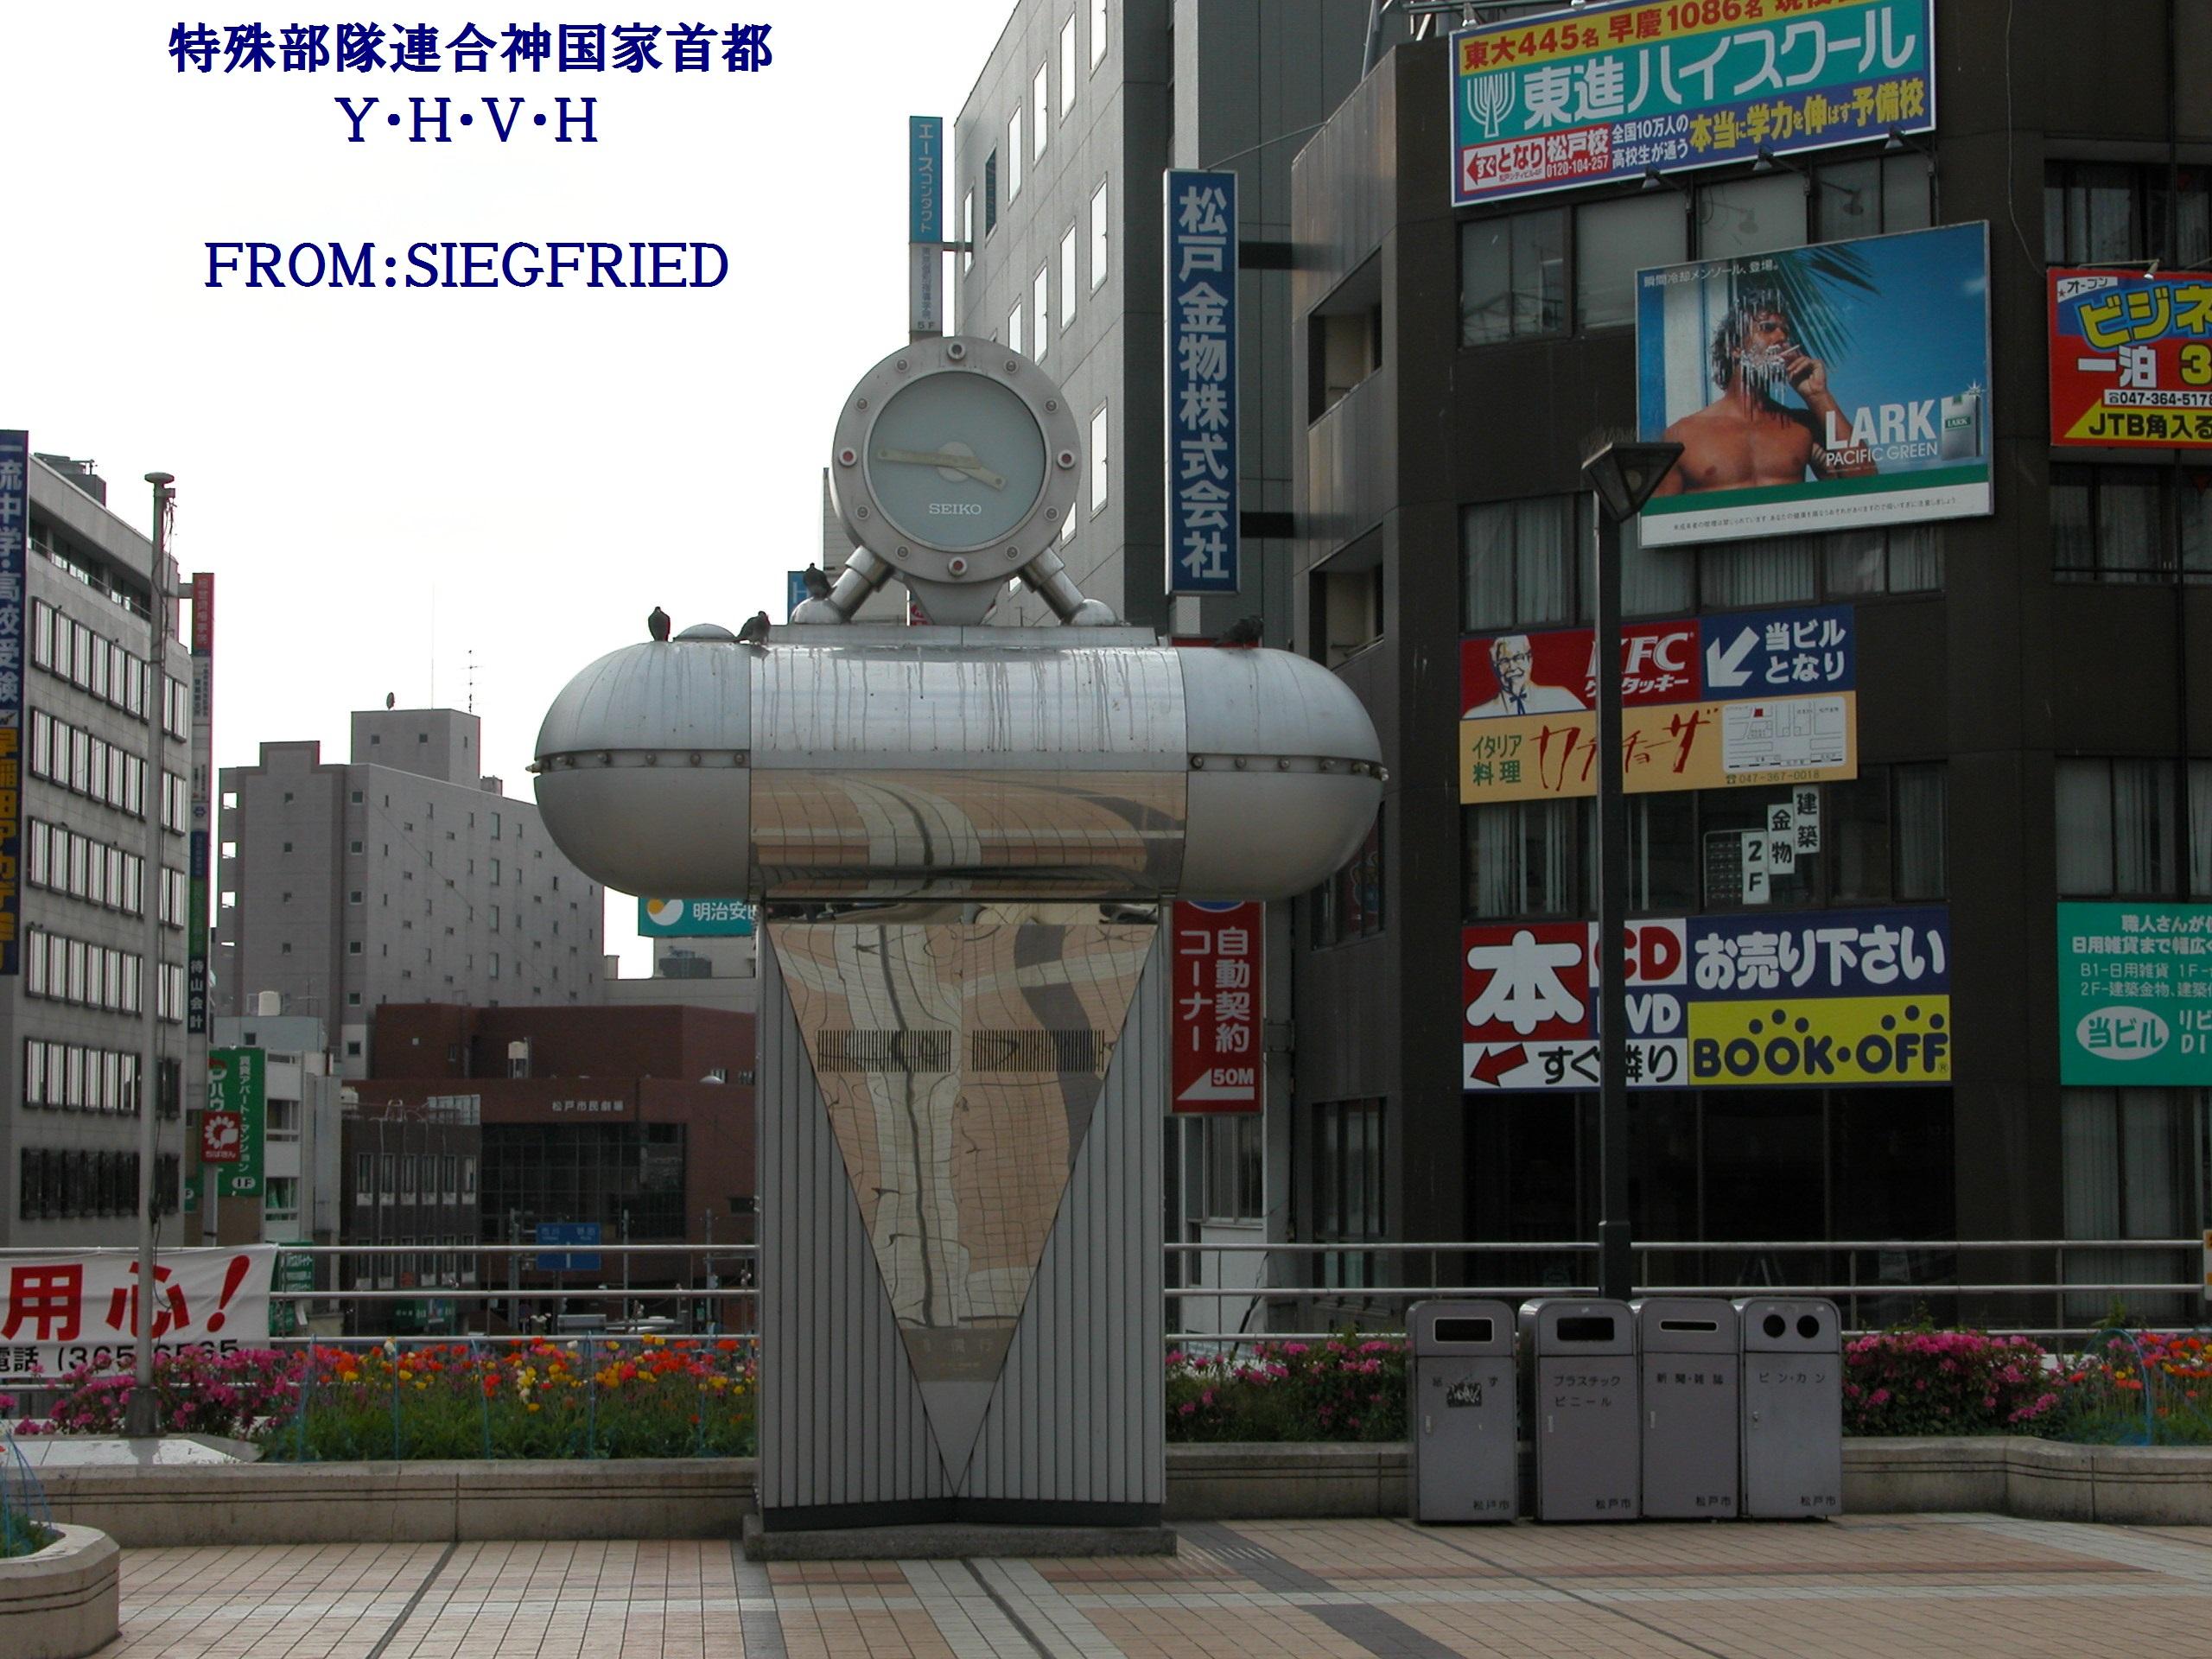 オリジナルサイズを表示 個別「[松戸駅][MATSUDO STATION][背景][時計]からく